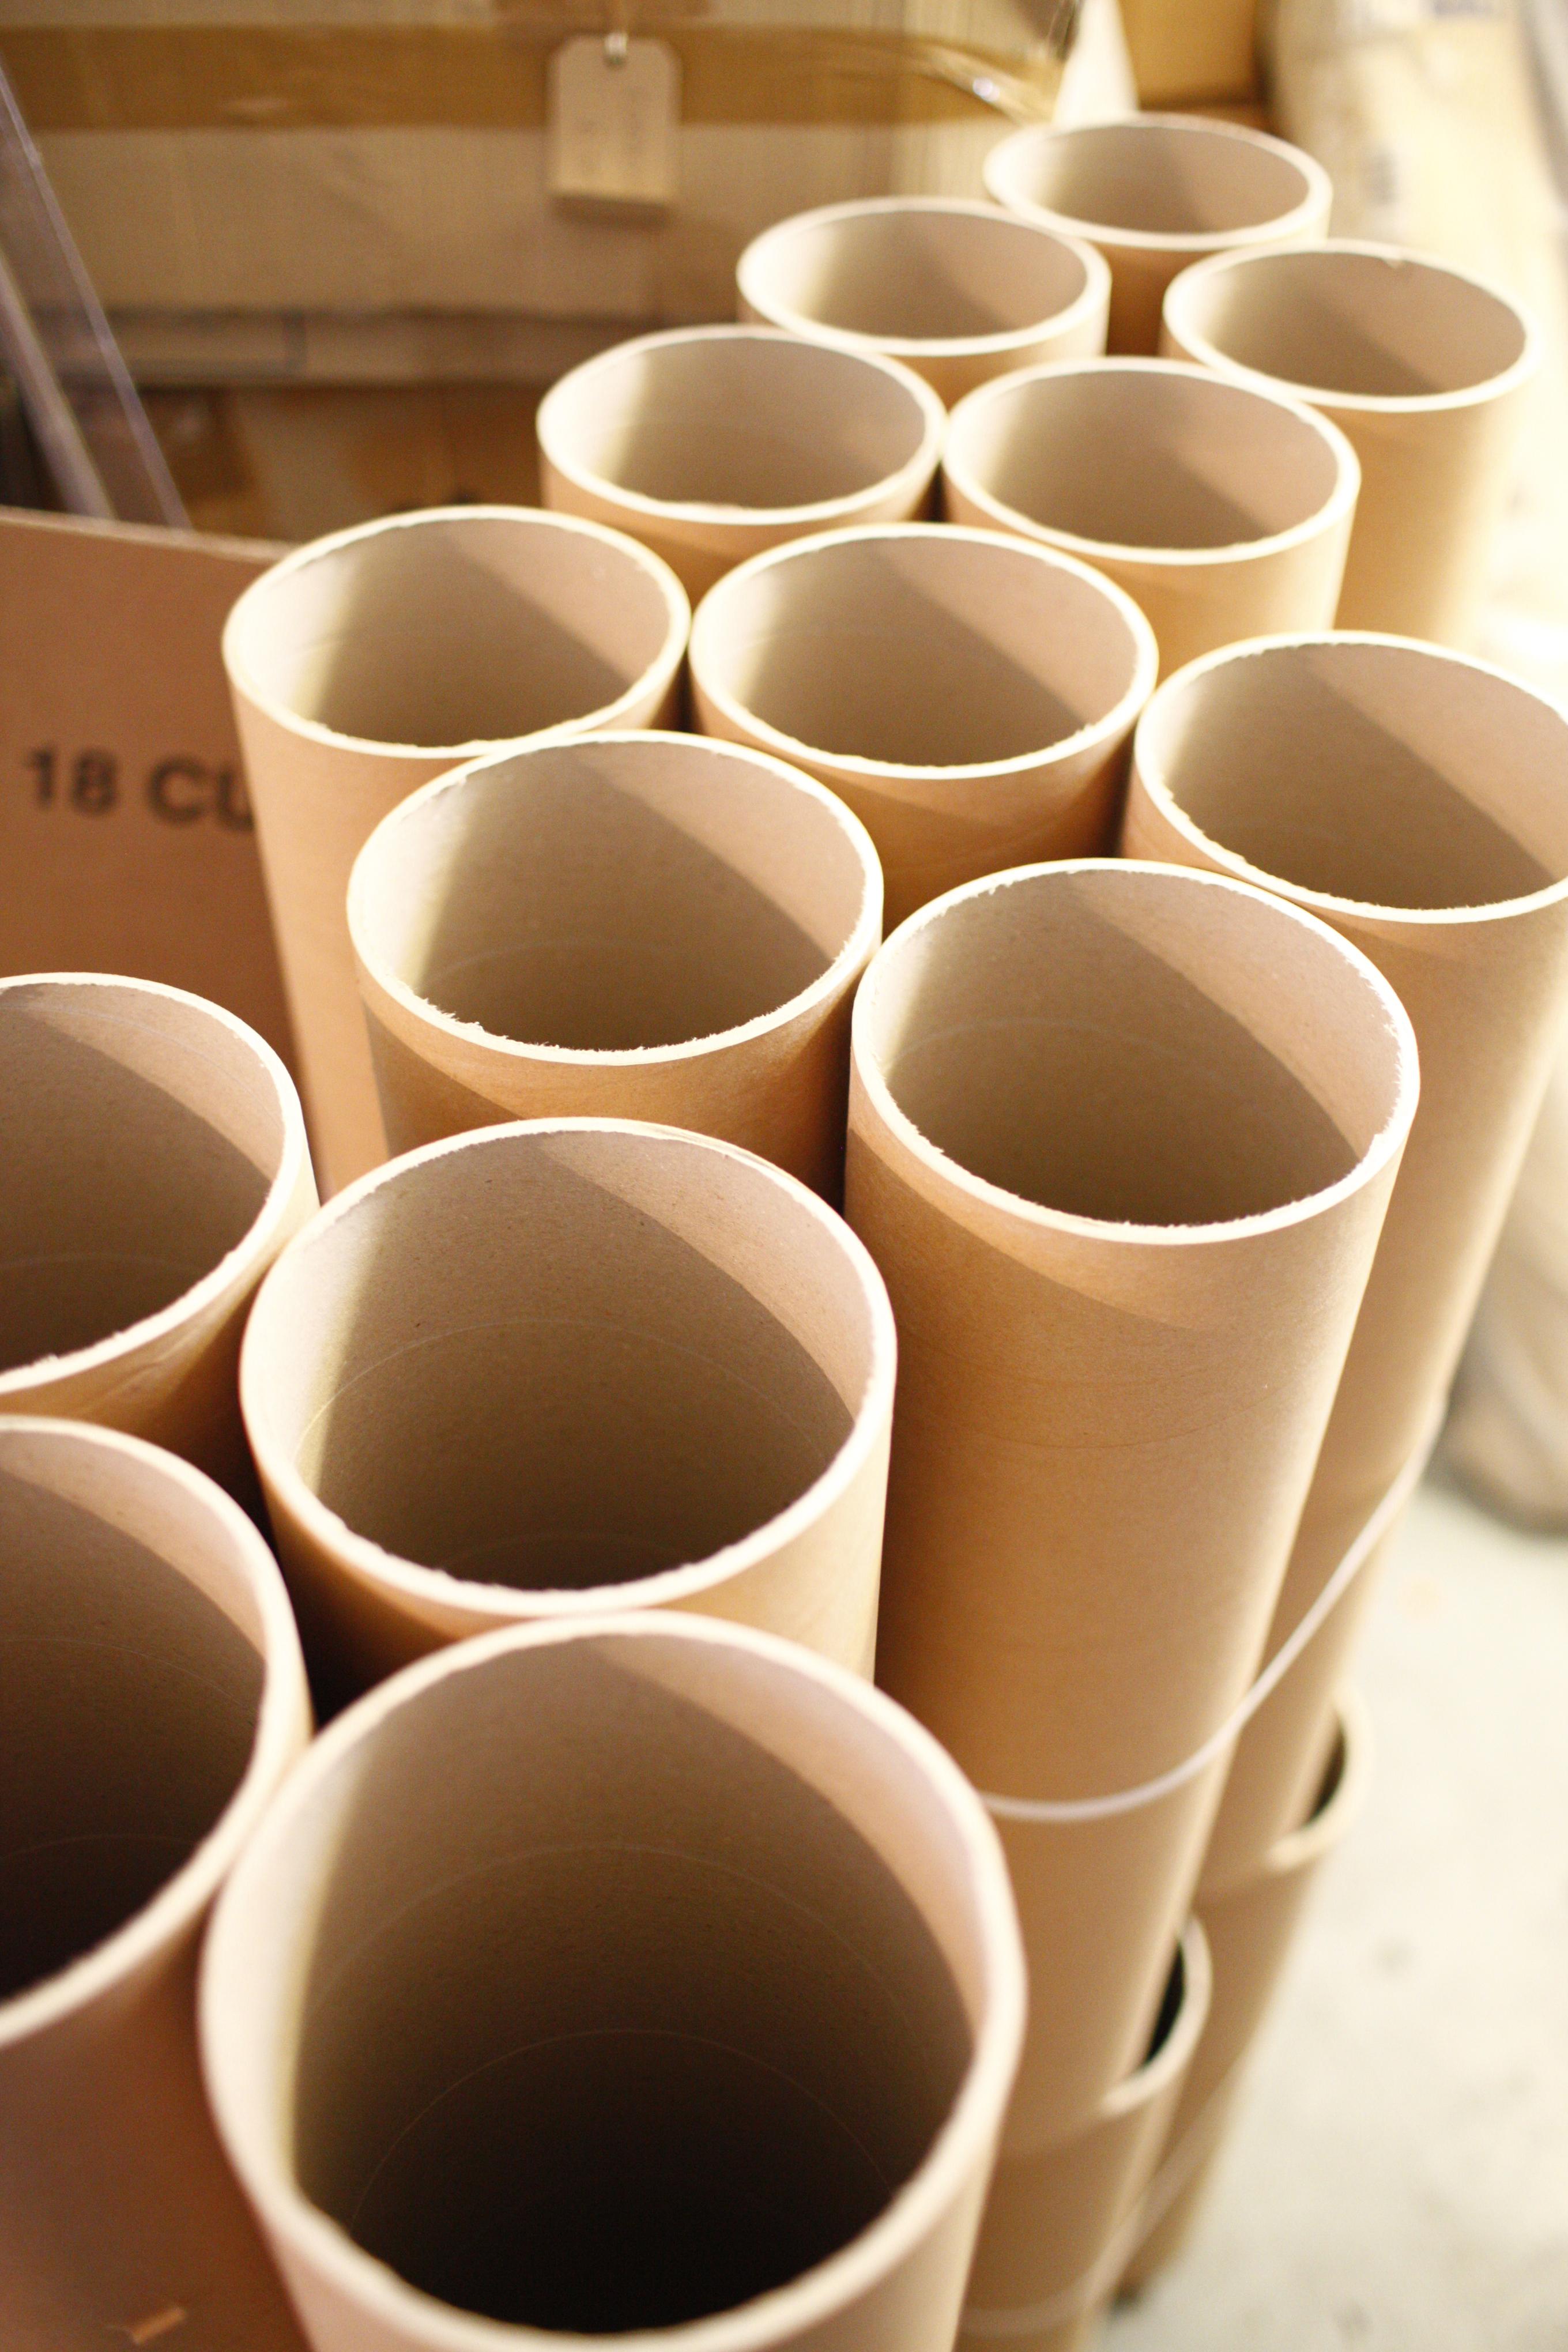 Packing tubes